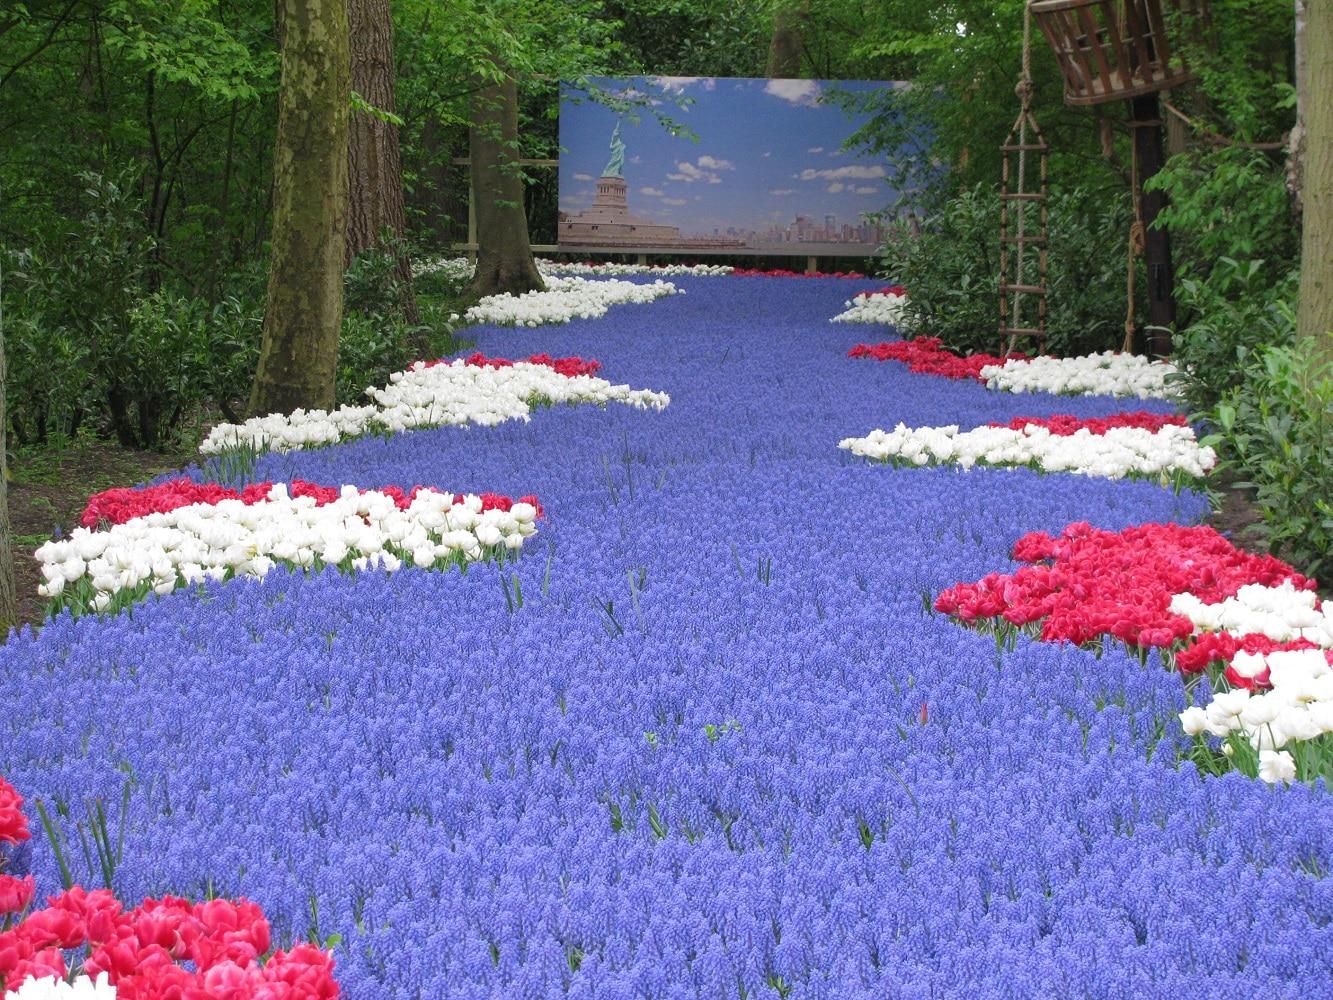 Parcul Keukenhof este unul dintre cele mai fotografiate parcuri din lume